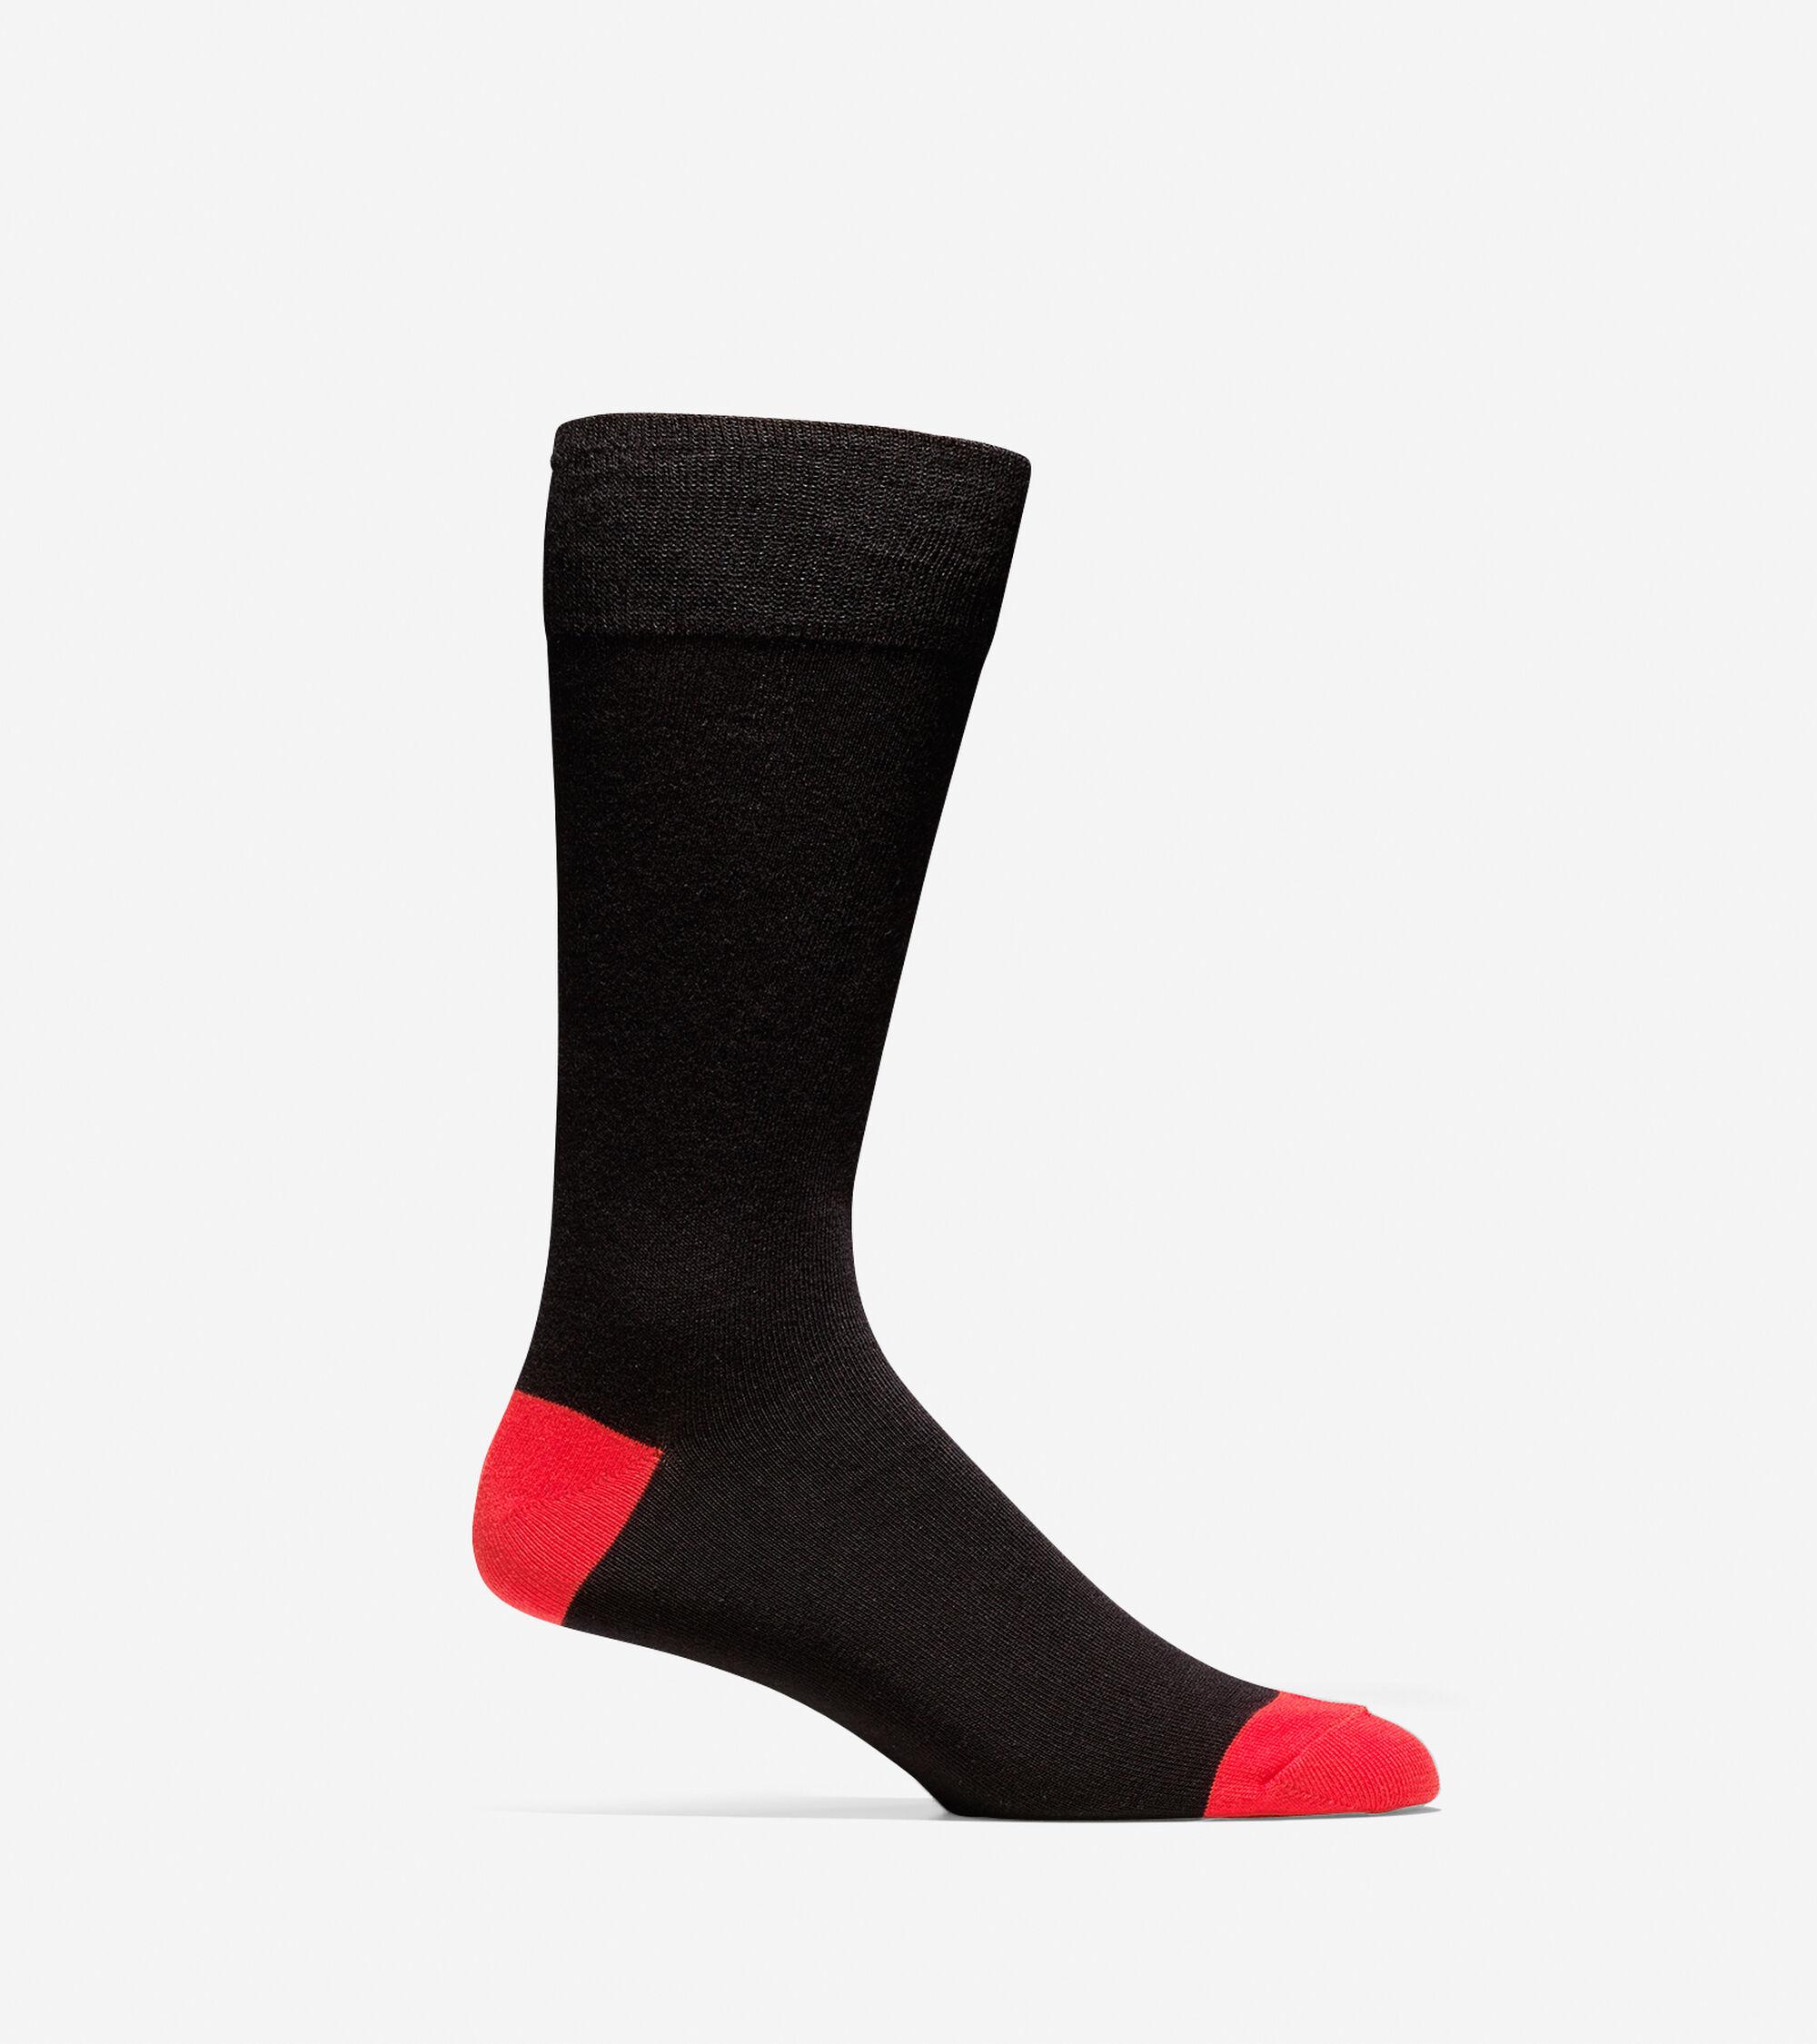 Accessories > Heel/Toe Knit Socks